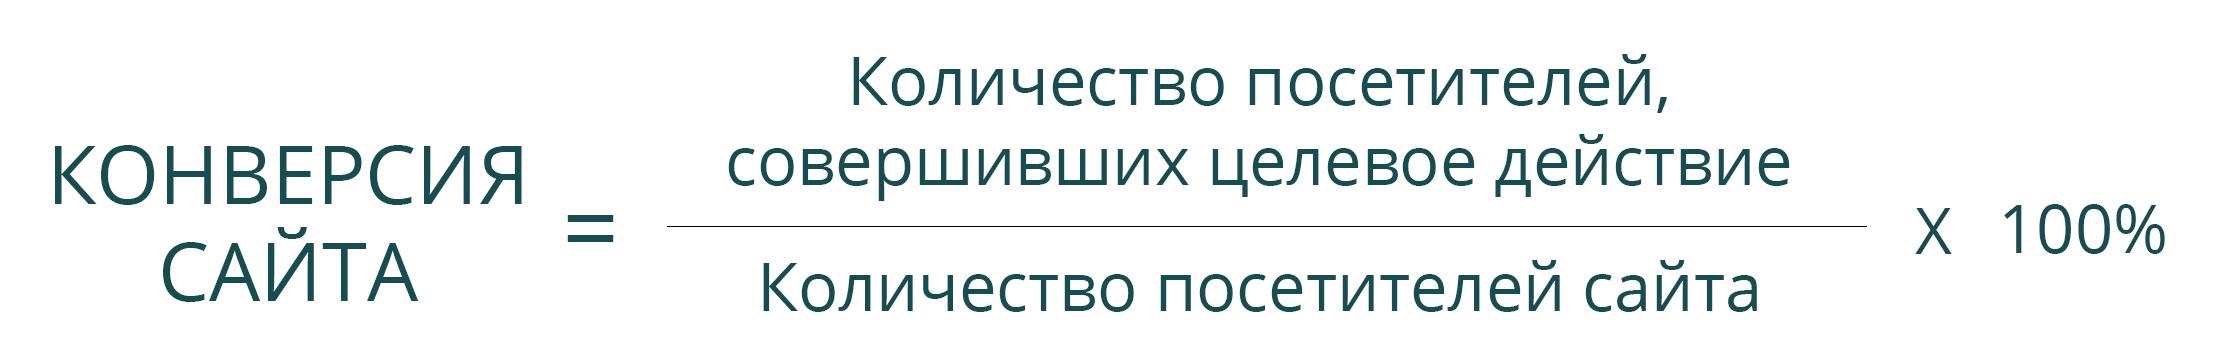 Что такое конверсия сайта: формула расчета, от чего зависит